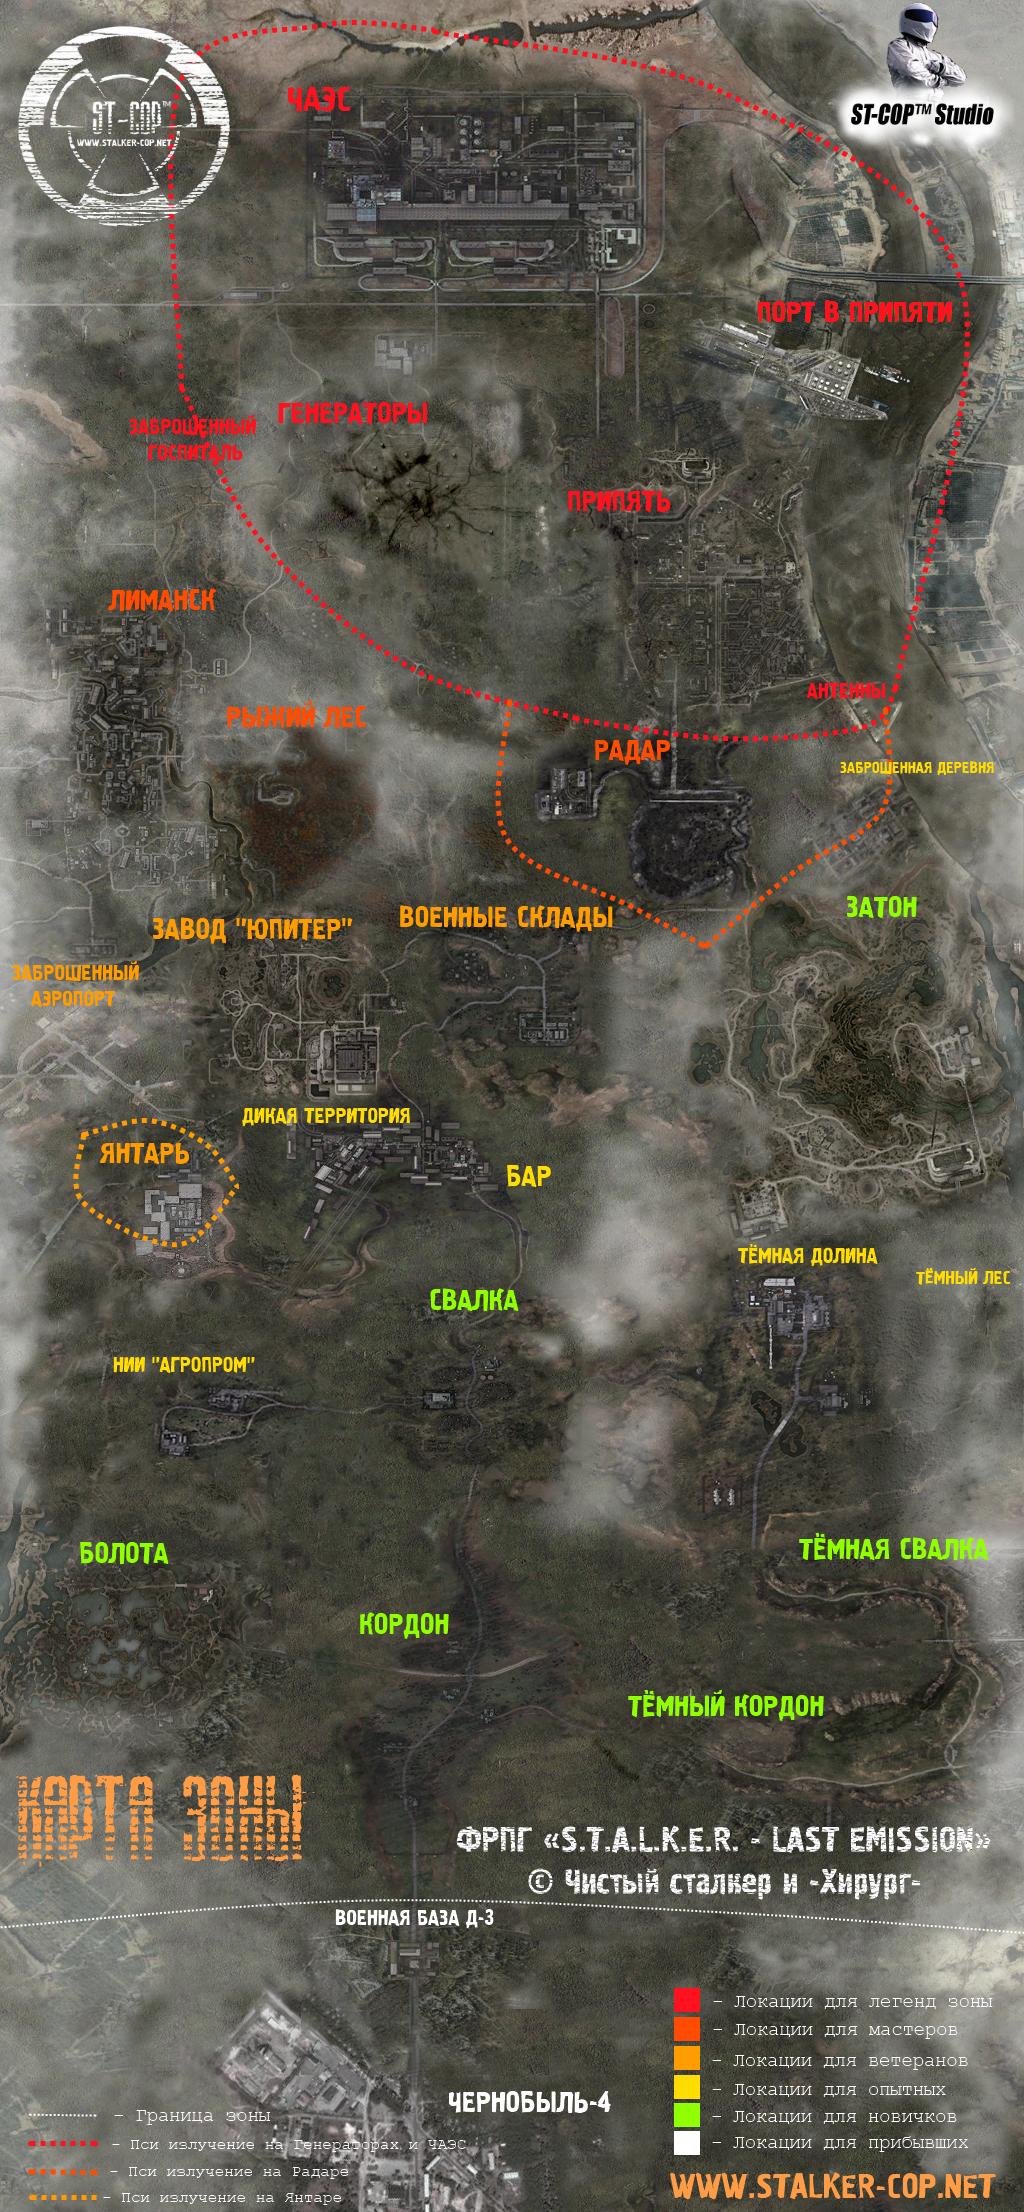 Наша карта Зоны! Karta_zony_stalker-cop